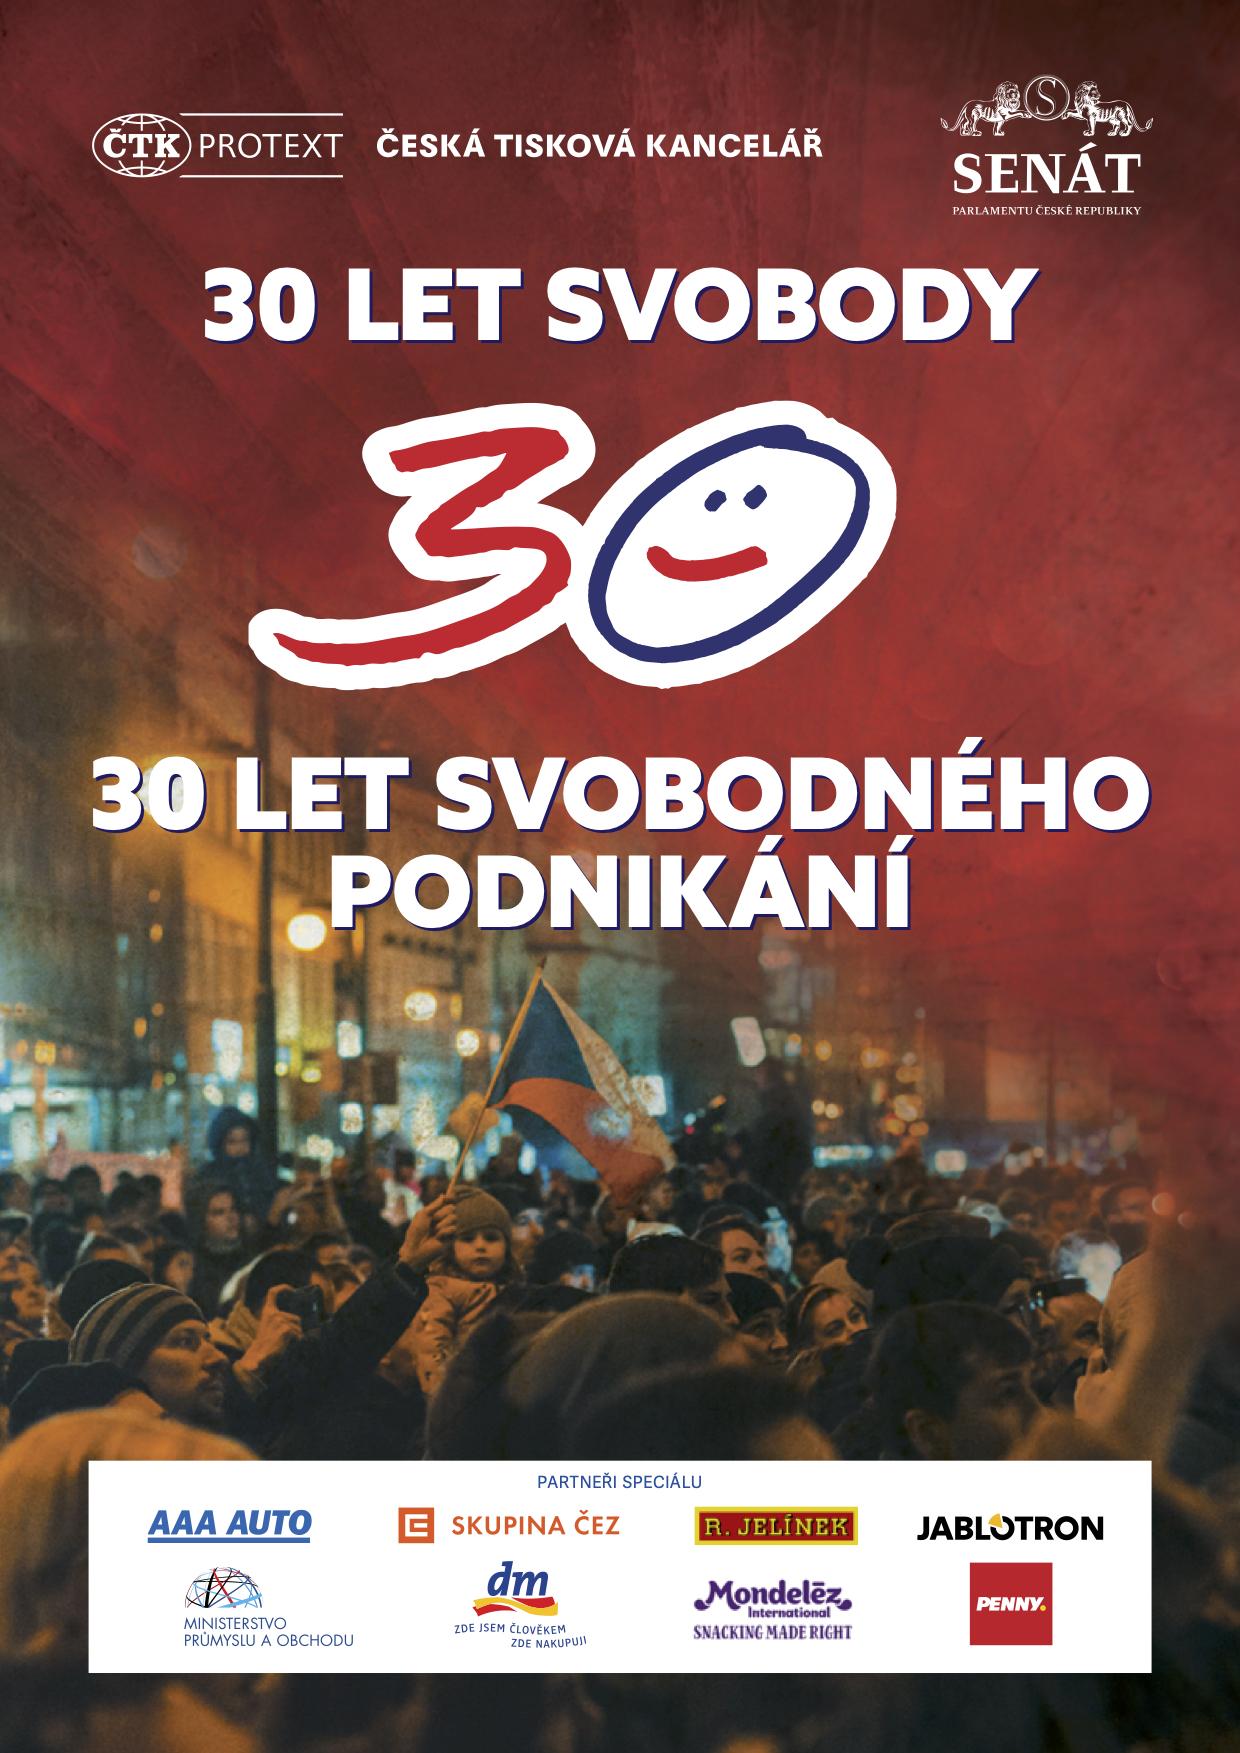 30 let svobody, 30 let svobodného podnikání